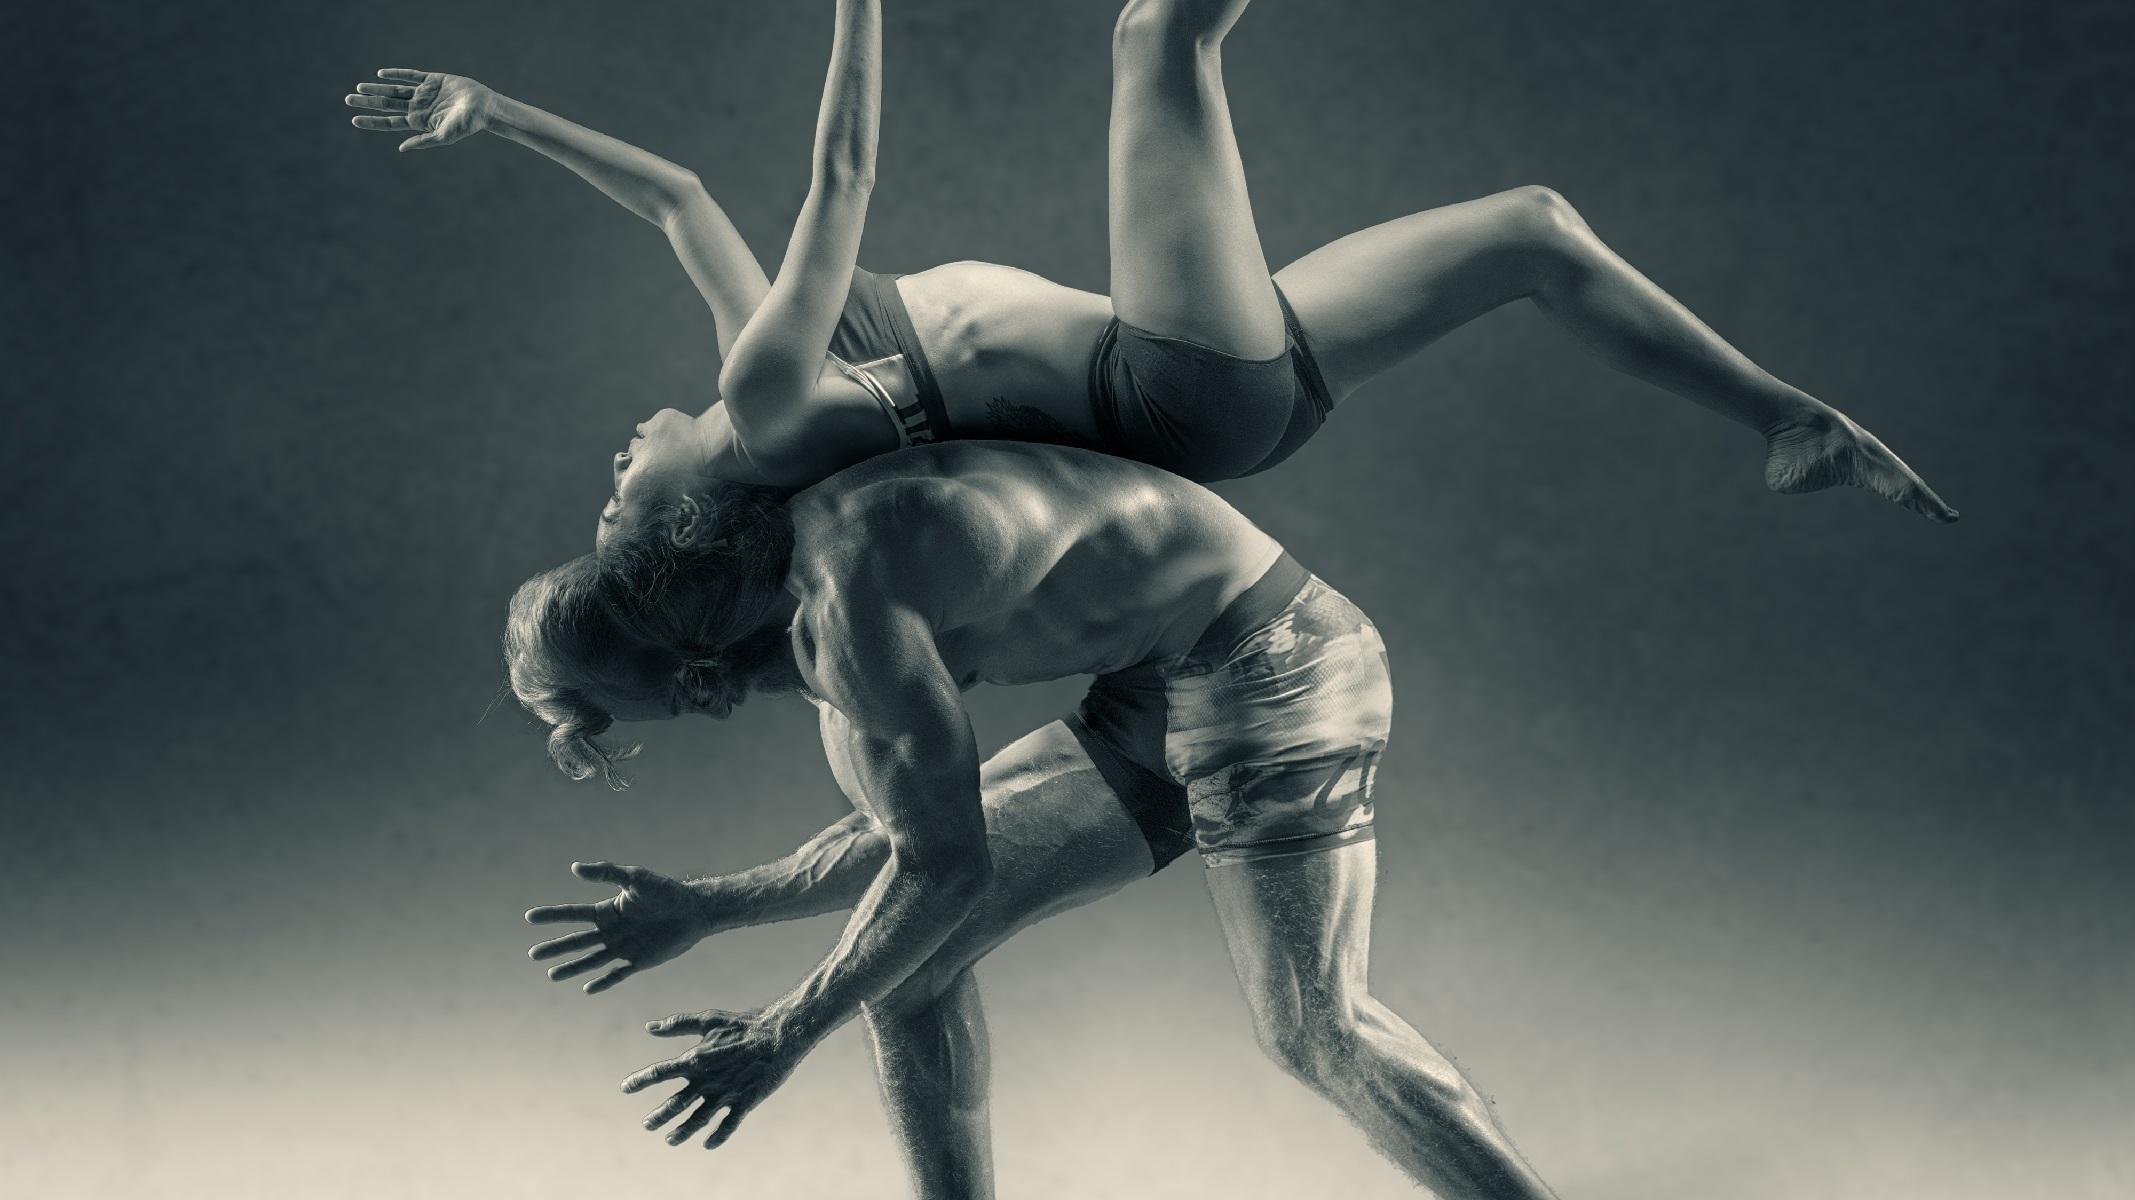 importância da memória muscular - Atletismo